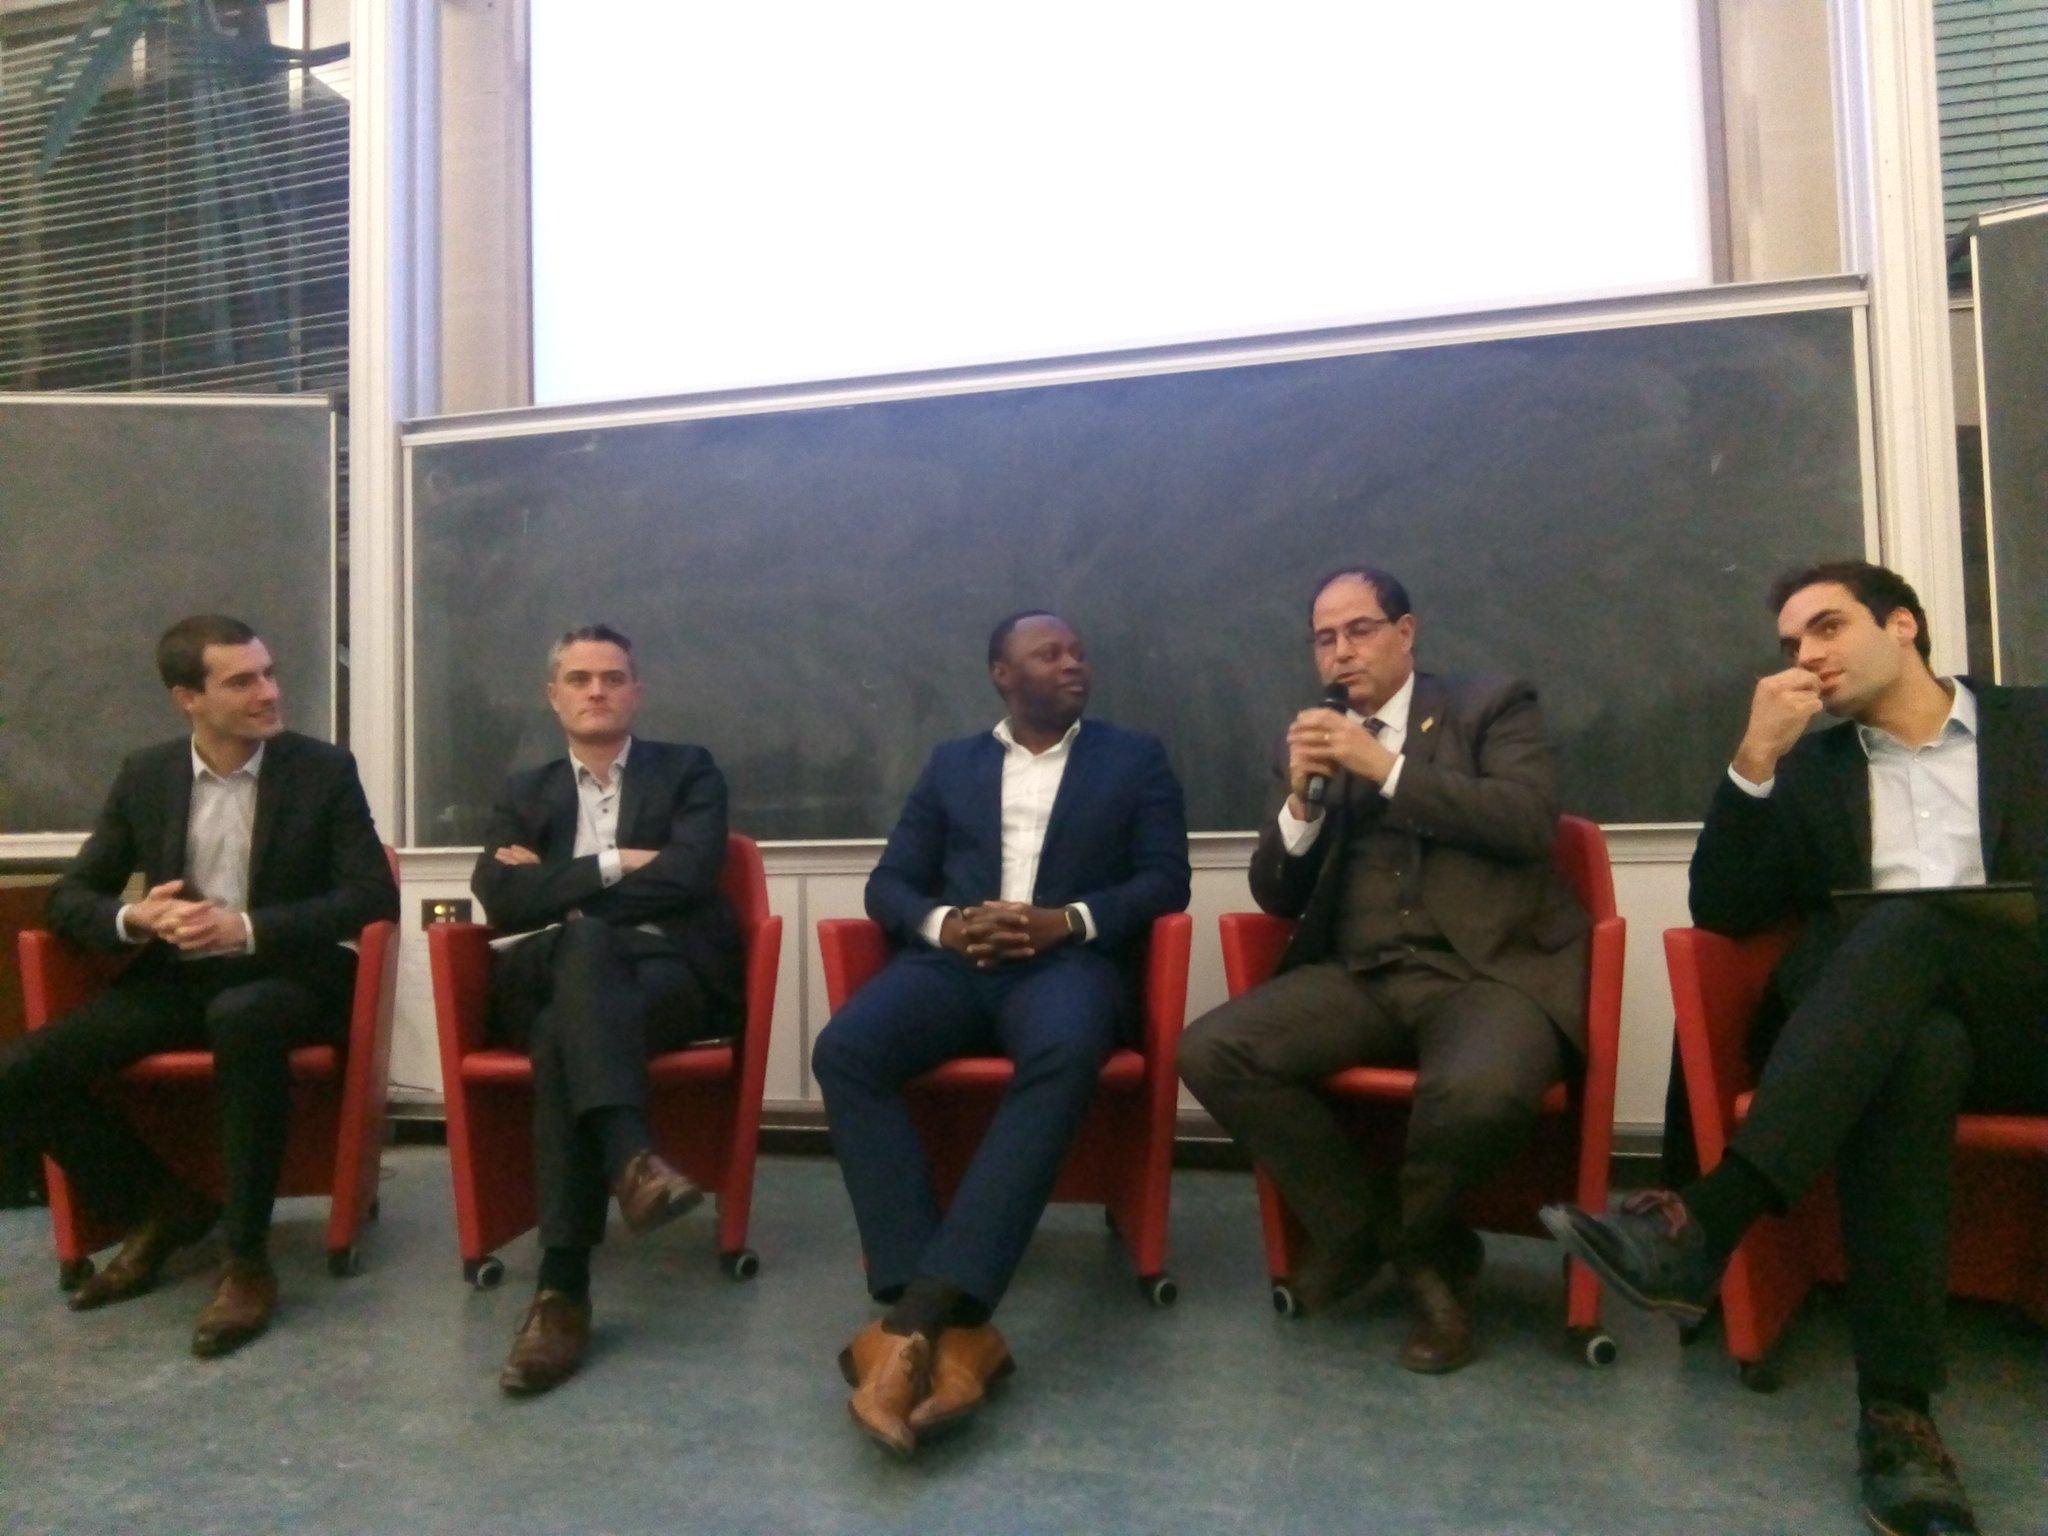 Article Paru Dans Le Monde : RSE, Enjeux Et Opportunités Pour Les Experts-comptables